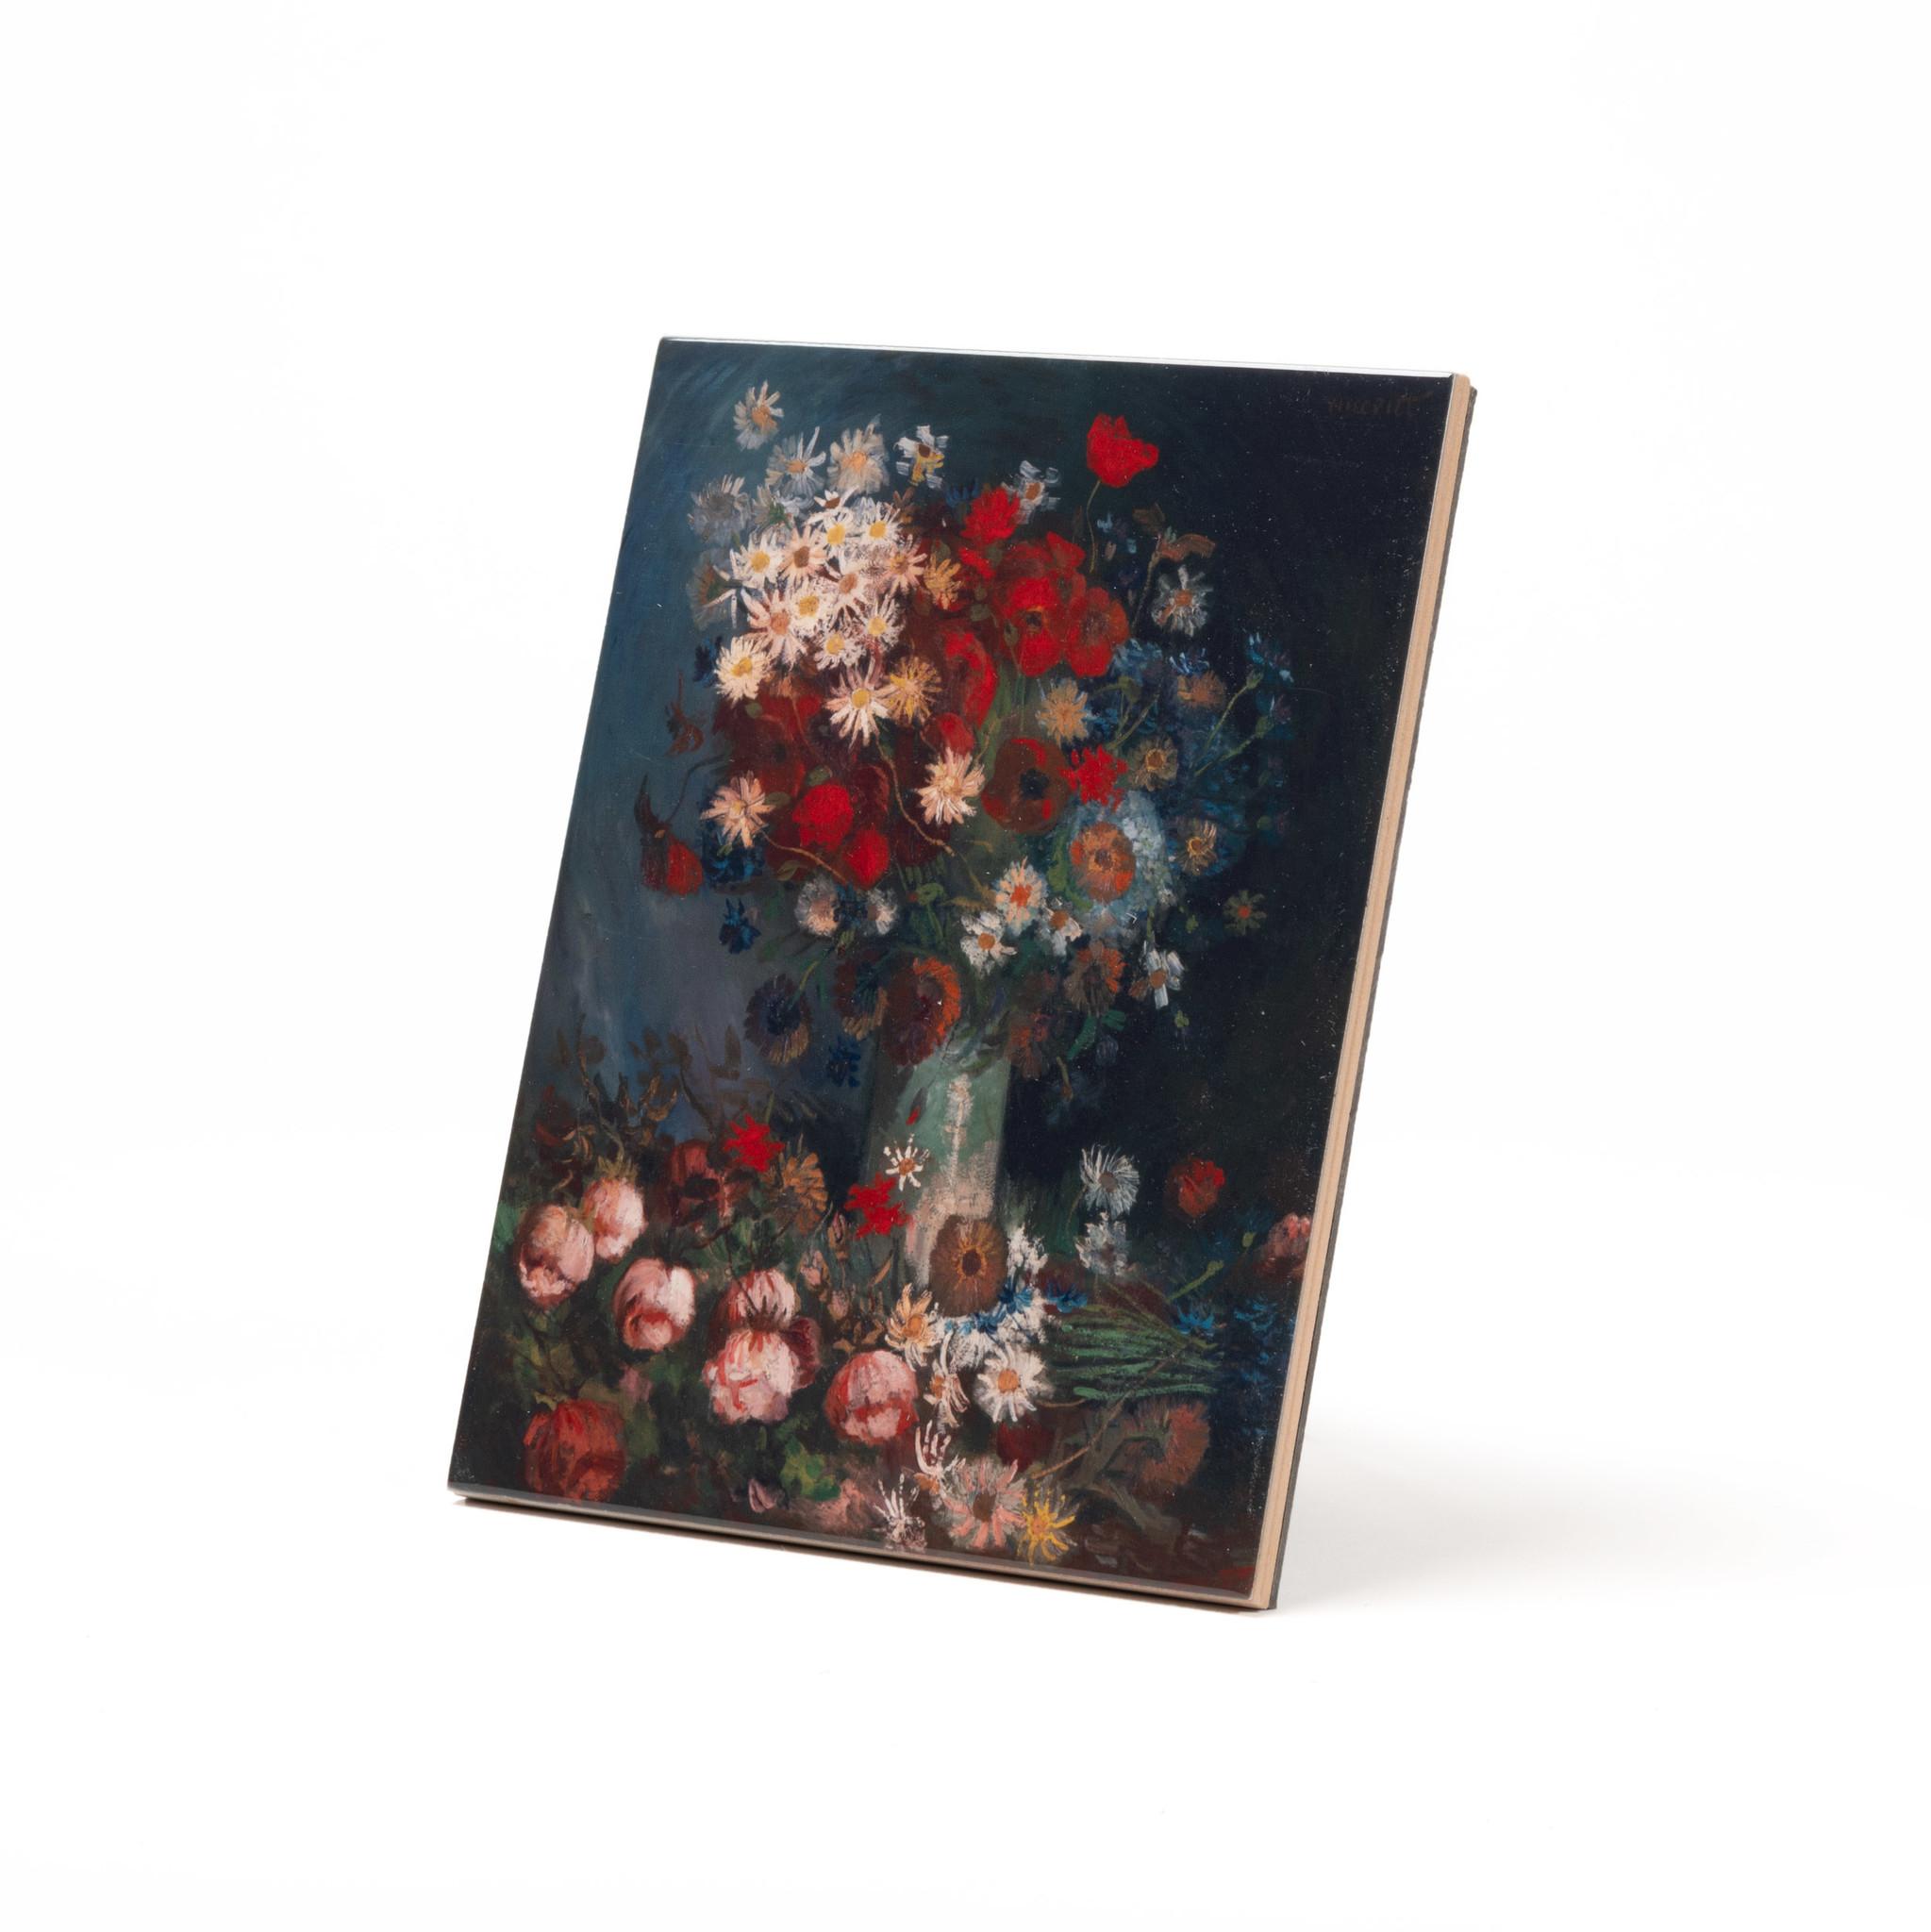 Keramische tegel Van Gogh Stilleven met akkerbloemen en rozen